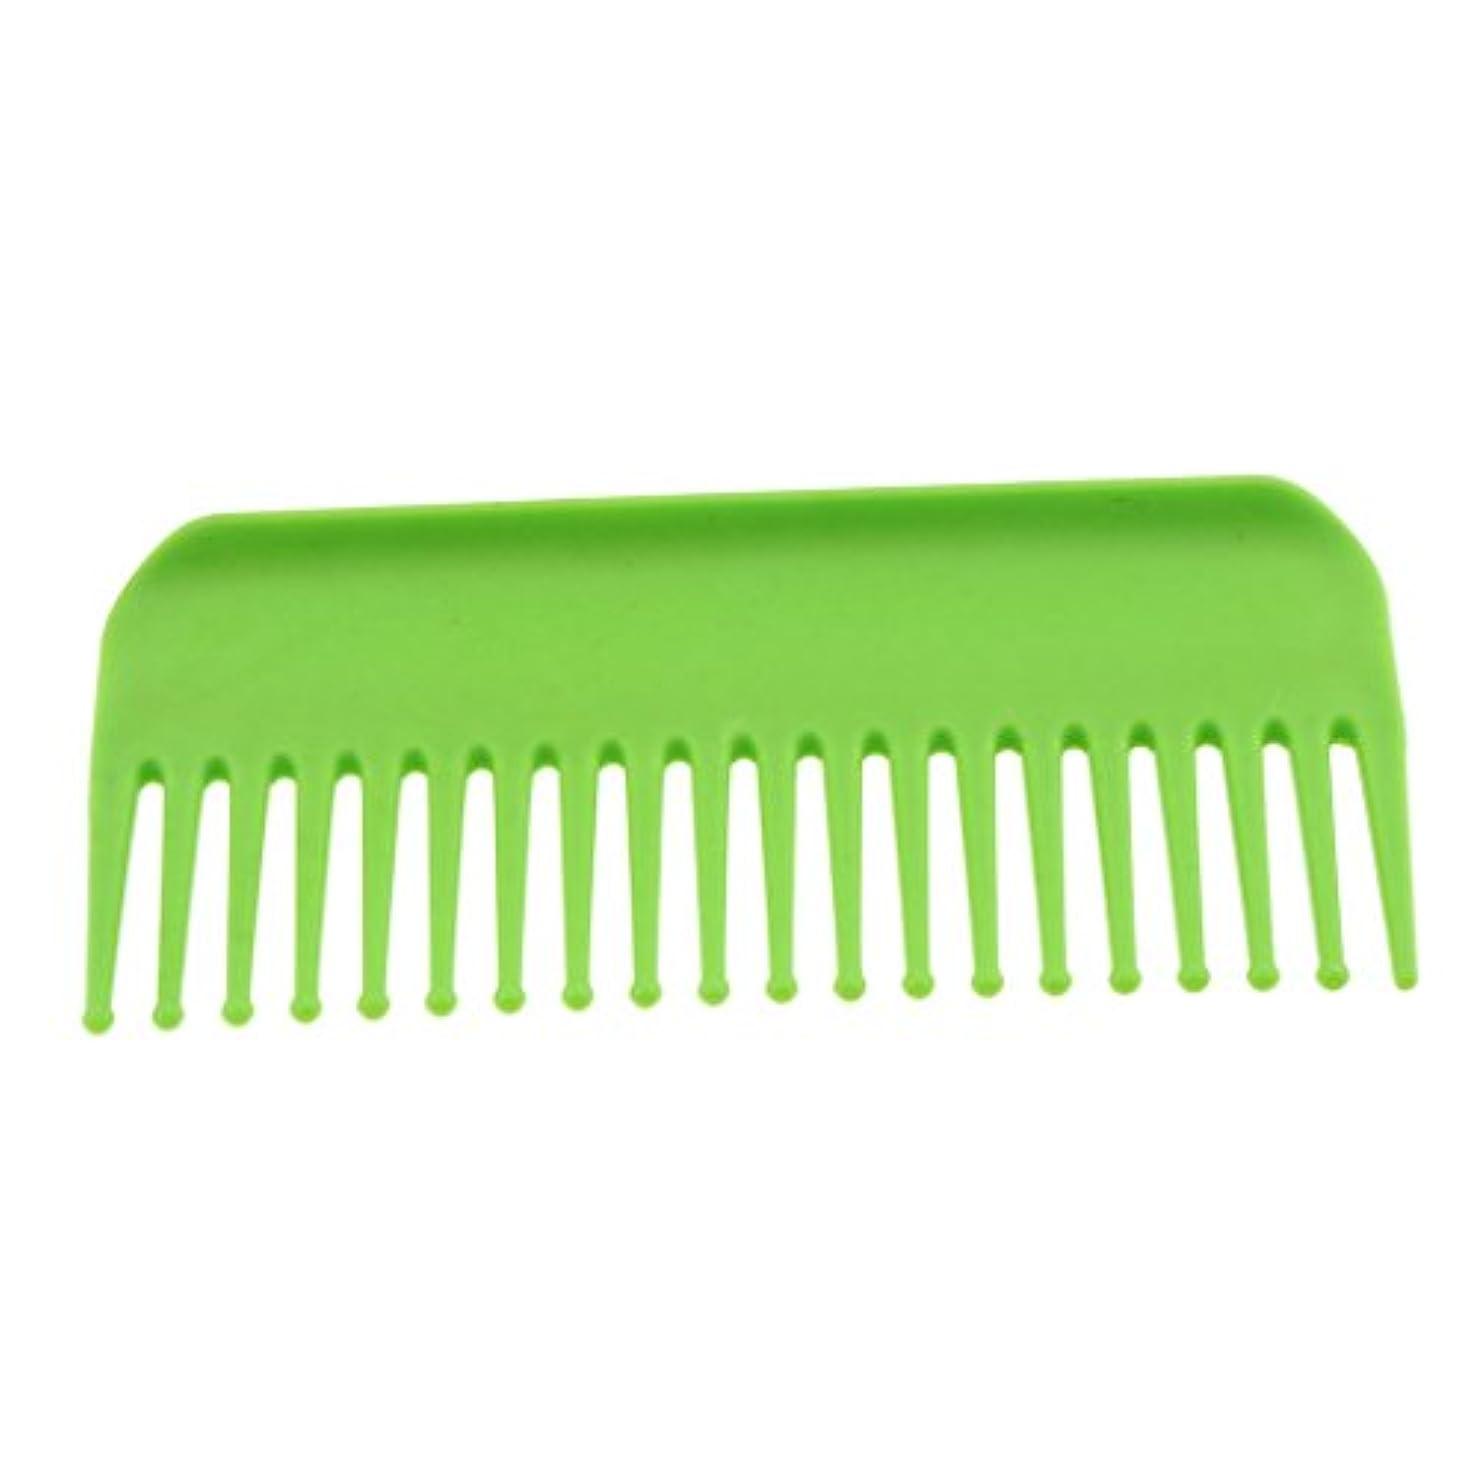 文字通りファシズムクマノミT TOOYFUL サロンヘアケア脱毛ヘアコームヘアブラシスタティックワイド - 緑